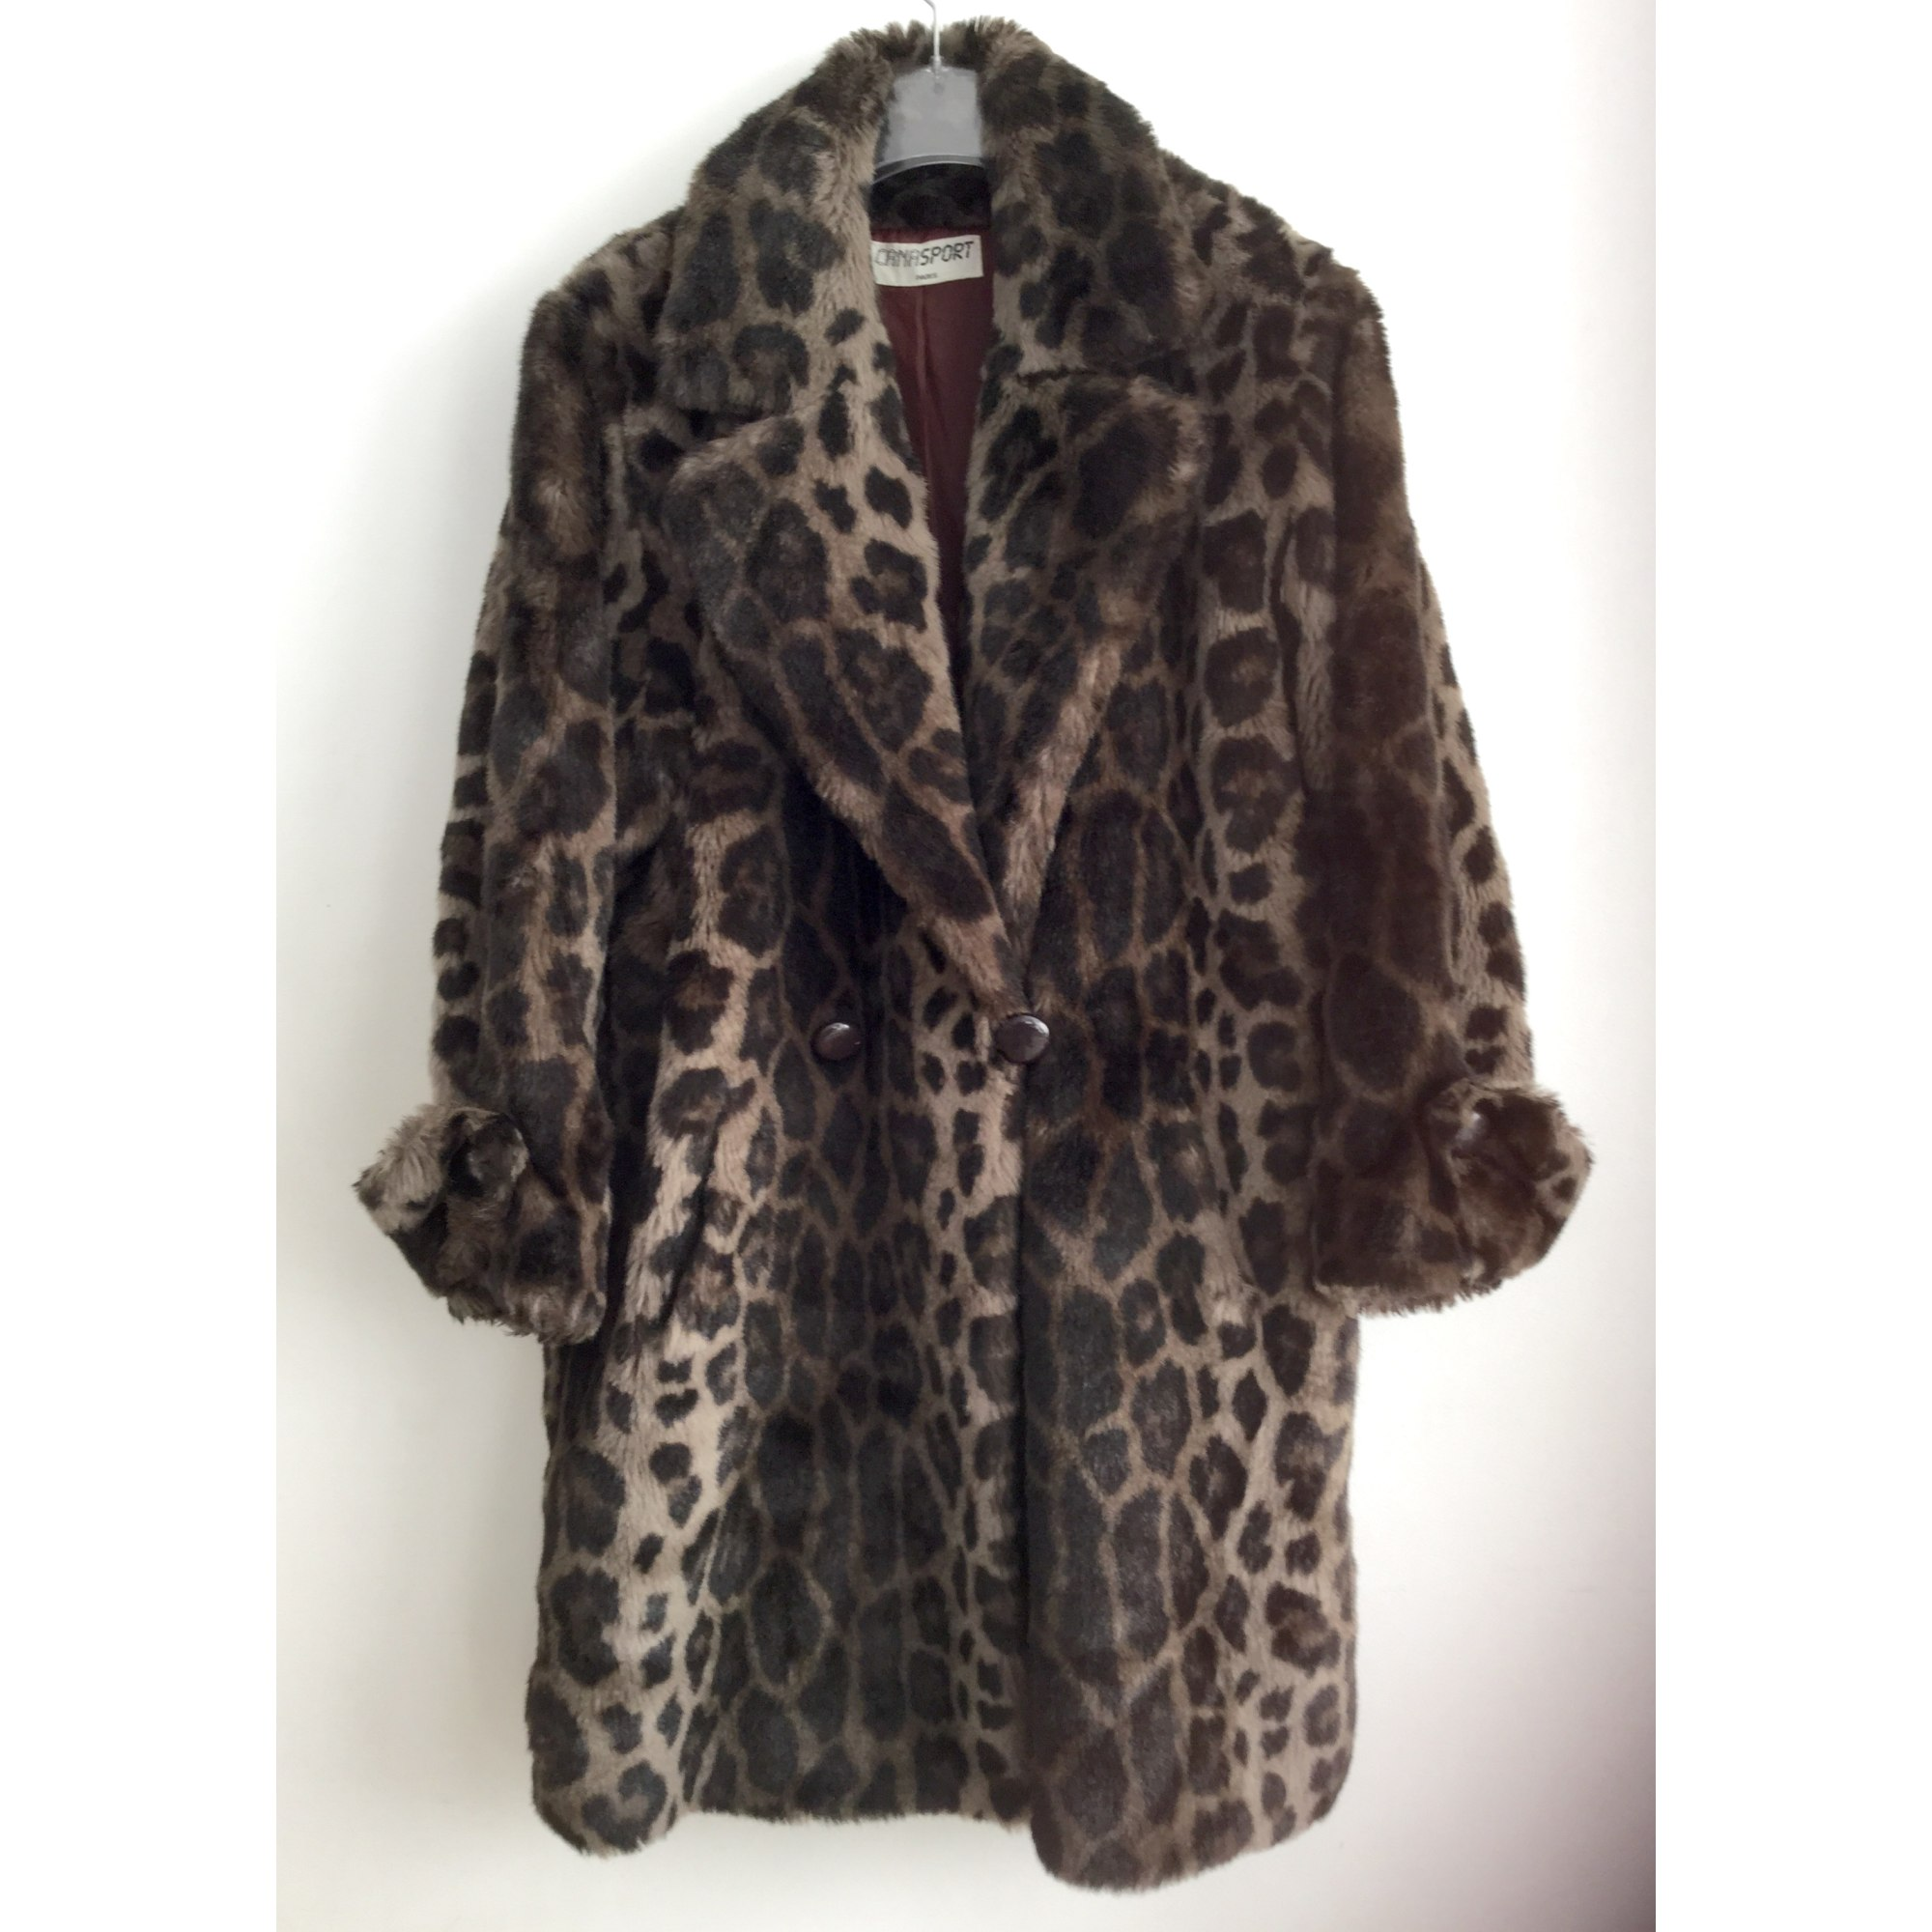 Manteau en fourrure CANASPORT Imprimés animaliers